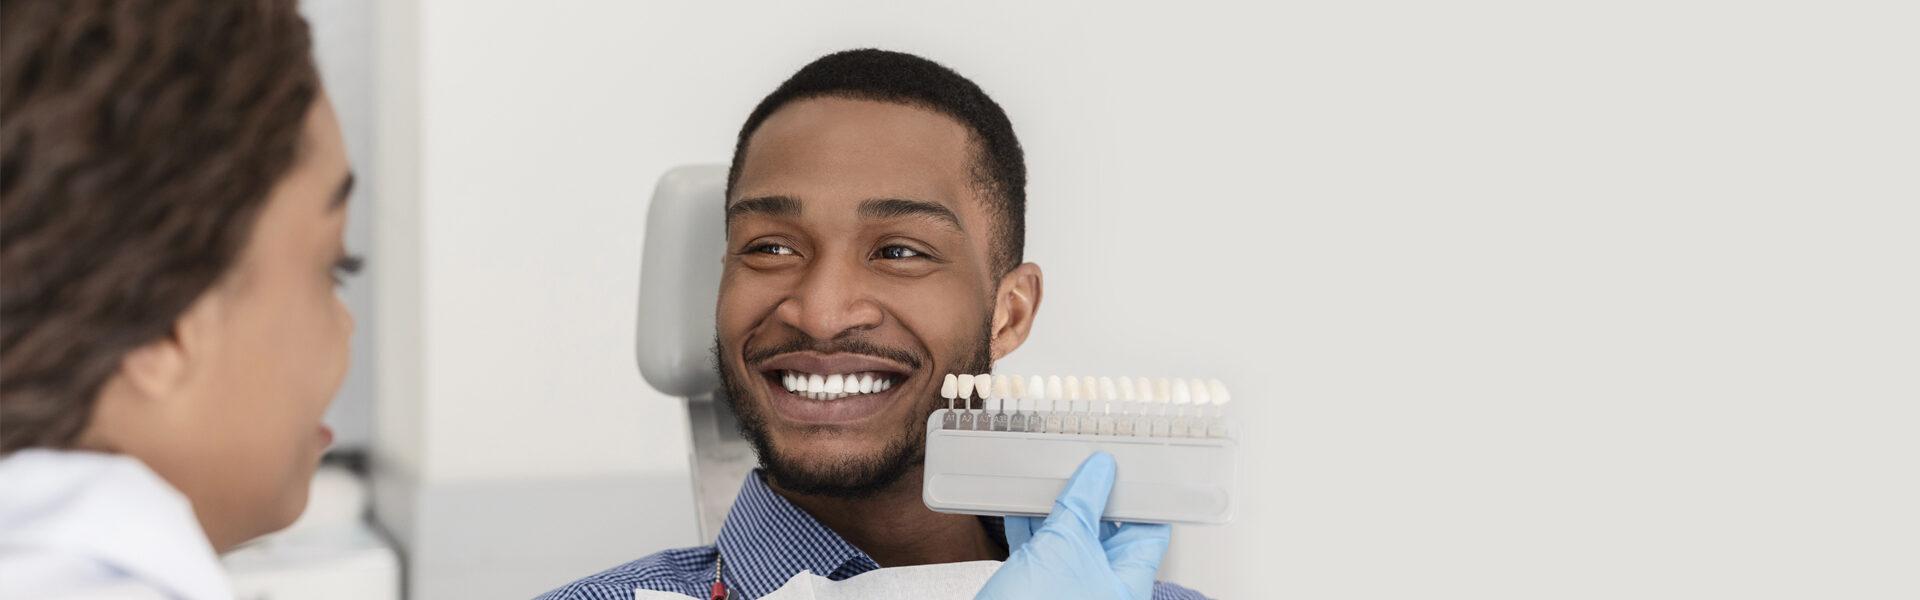 Dental Veneers in Auburn, WA - Veneers Near You